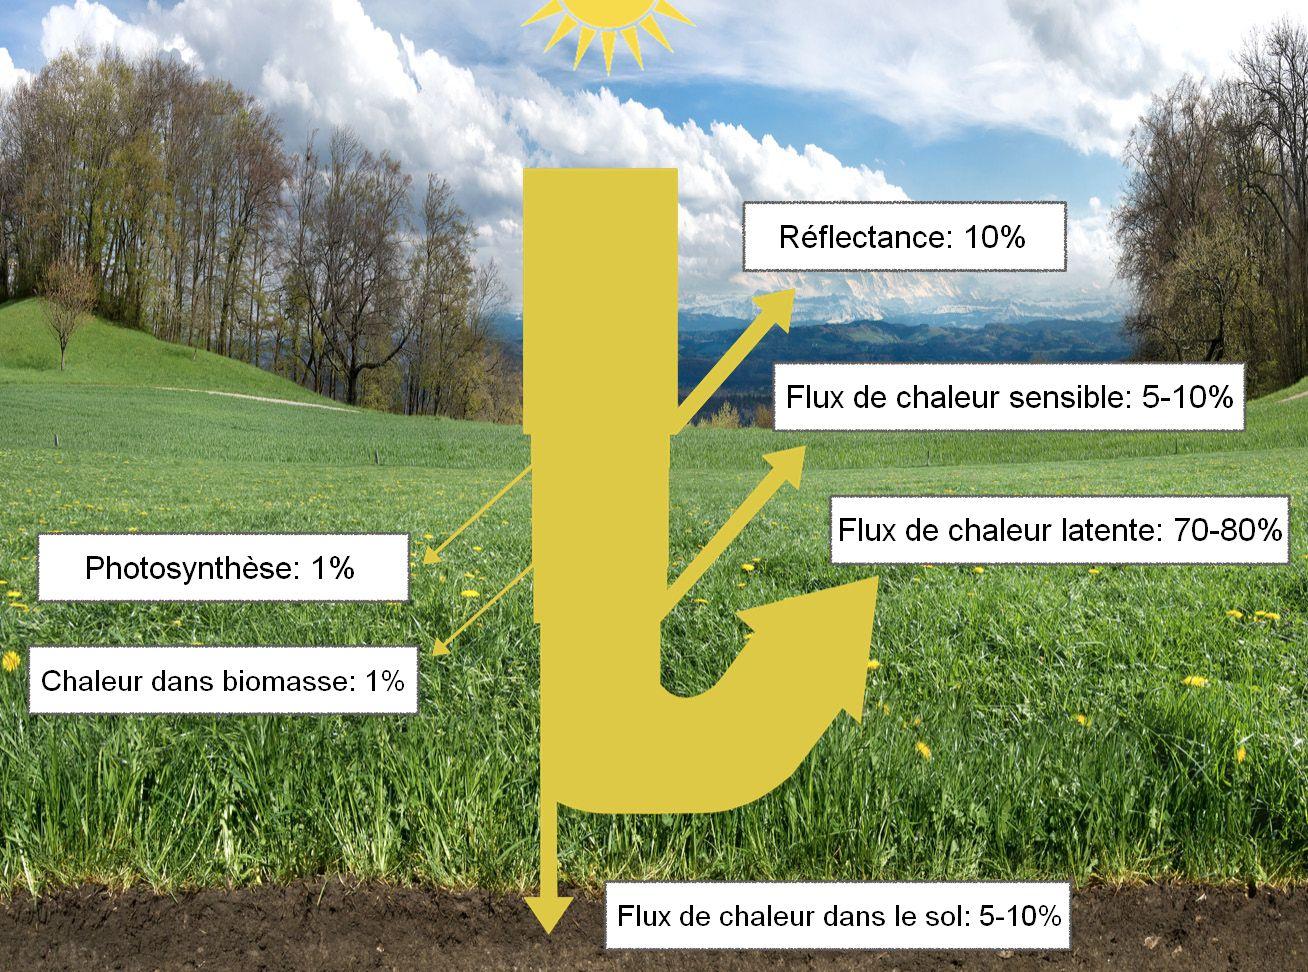 Travailler avec les plantes, les sols et l'eau pour rafraîchir le climat et réhydrater les paysages de la Terre